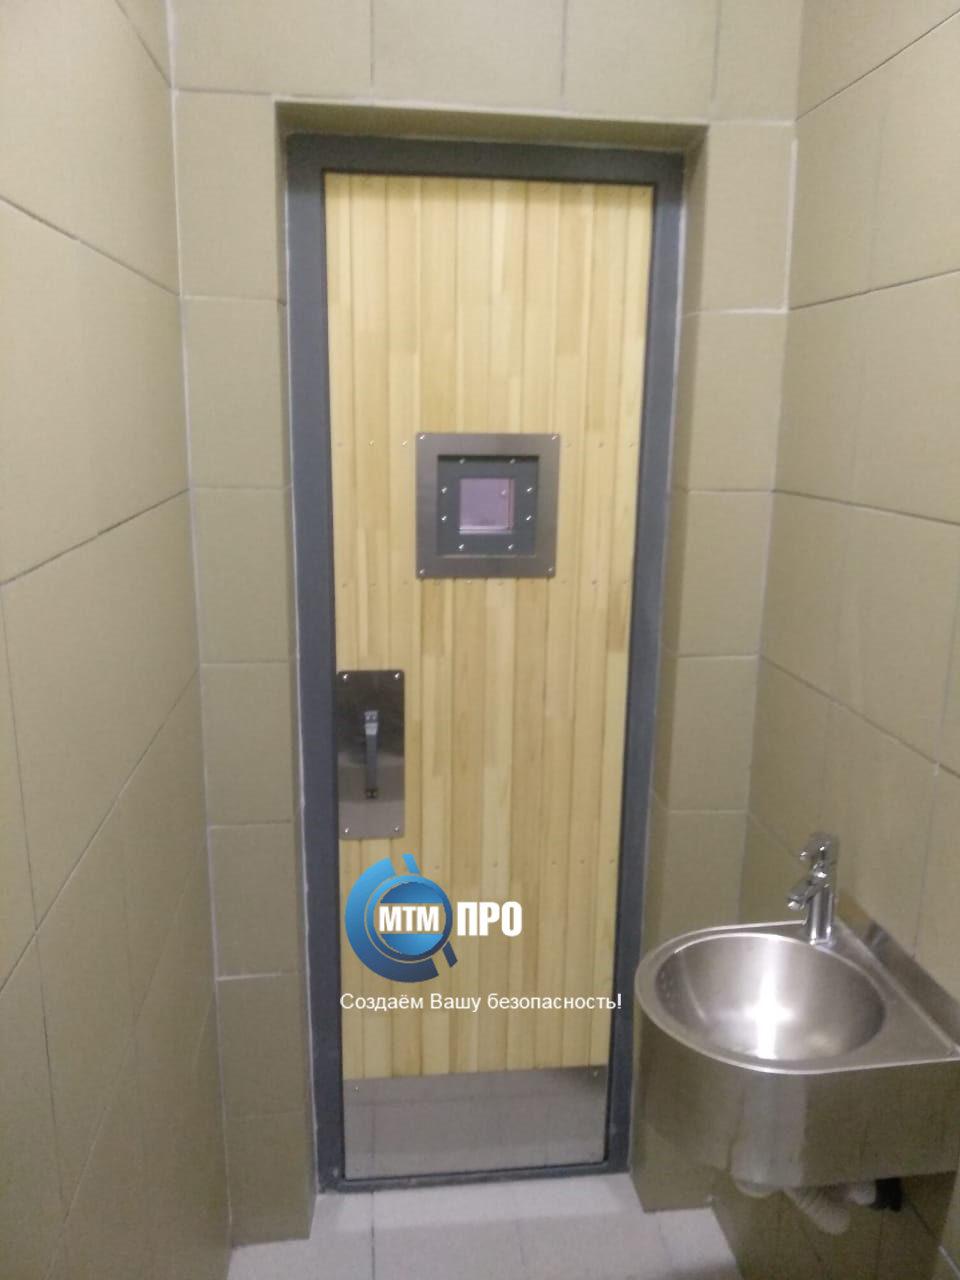 Дверь в туалет подсудимых